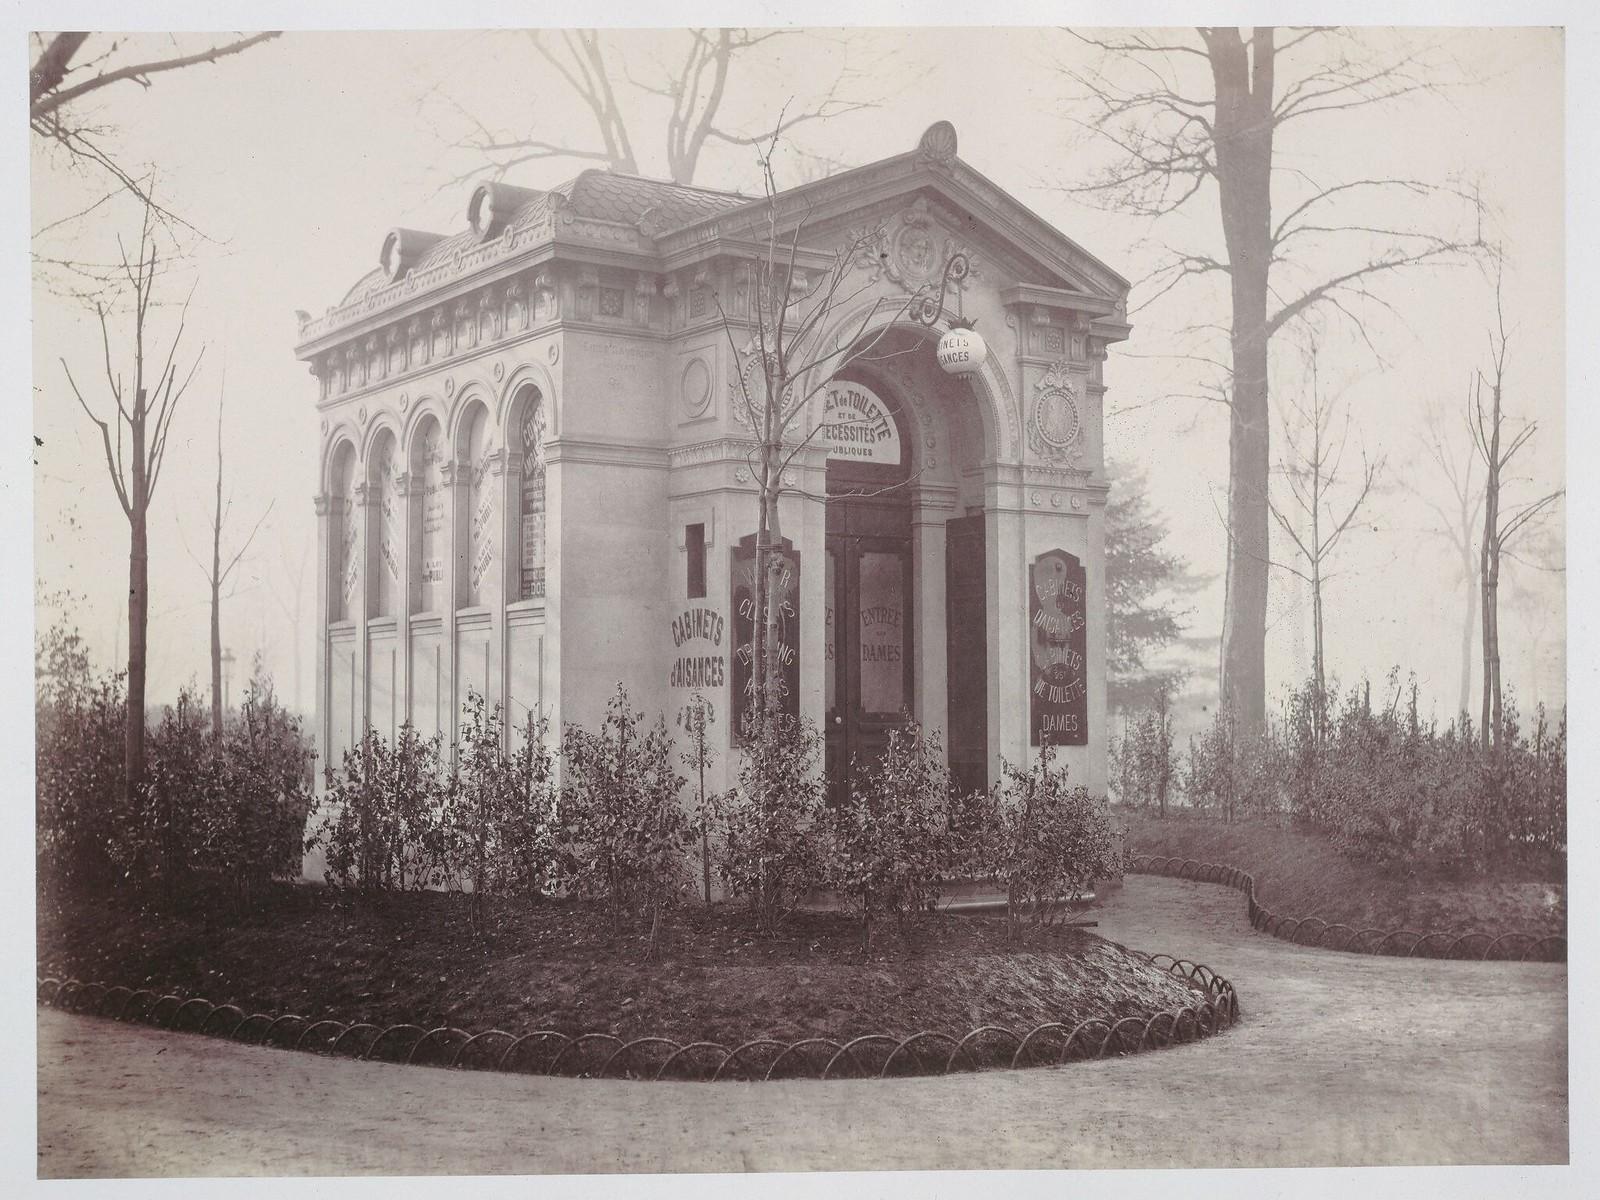 1870. Общественный туалет, Елисейские поля (VIII округ)